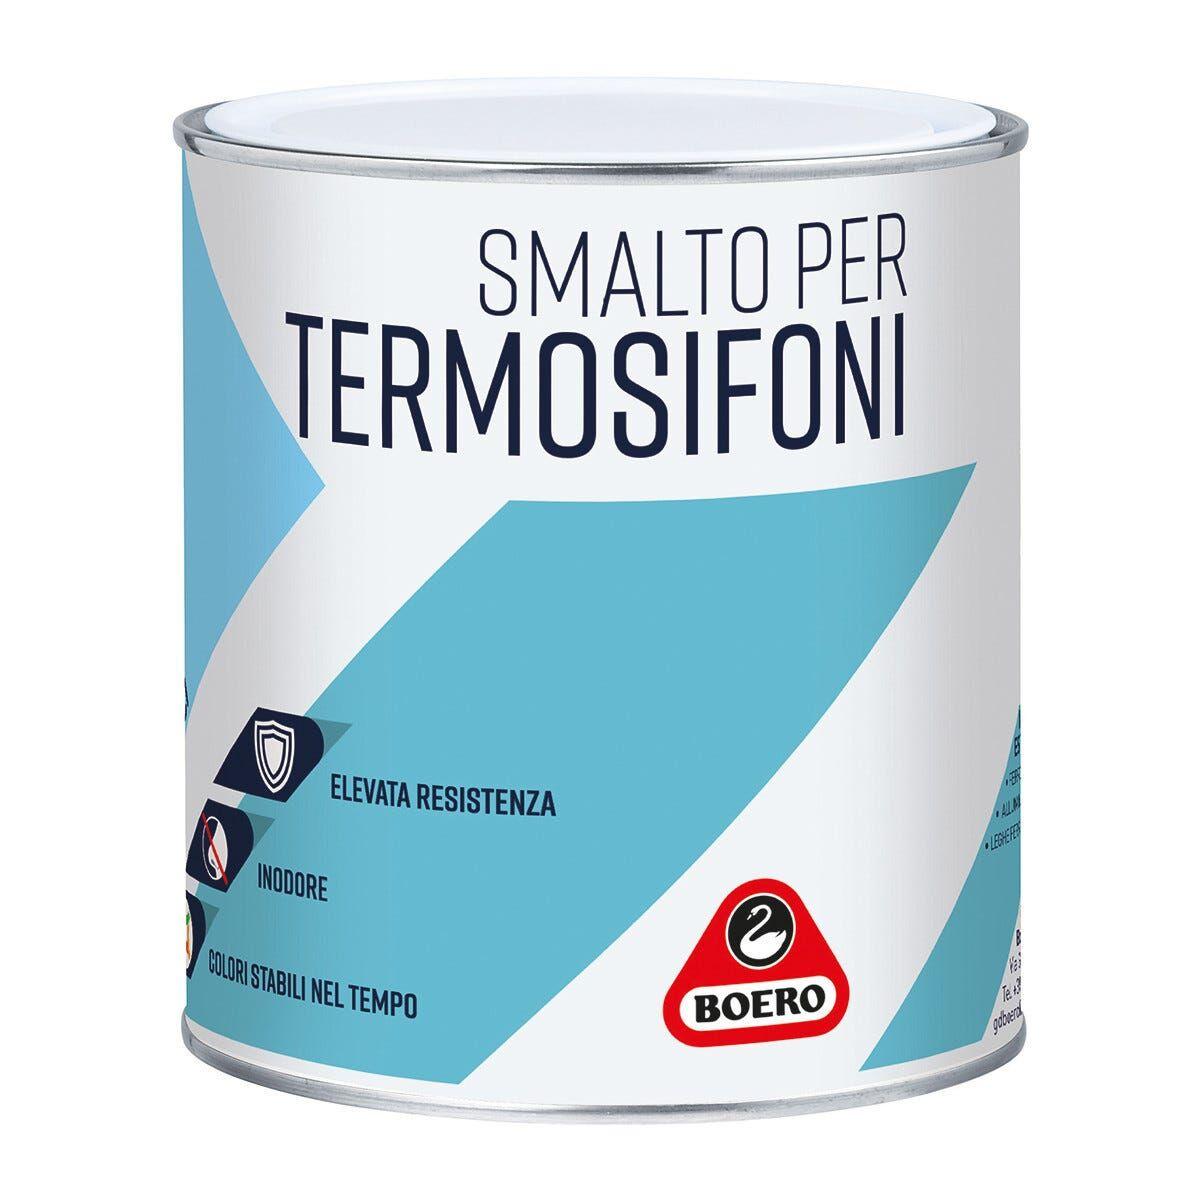 BOERO Smalto Acqua Per Termosifoni 0,75 L Bianco Grigio Pronto Uso 10-12 M² X 1 L